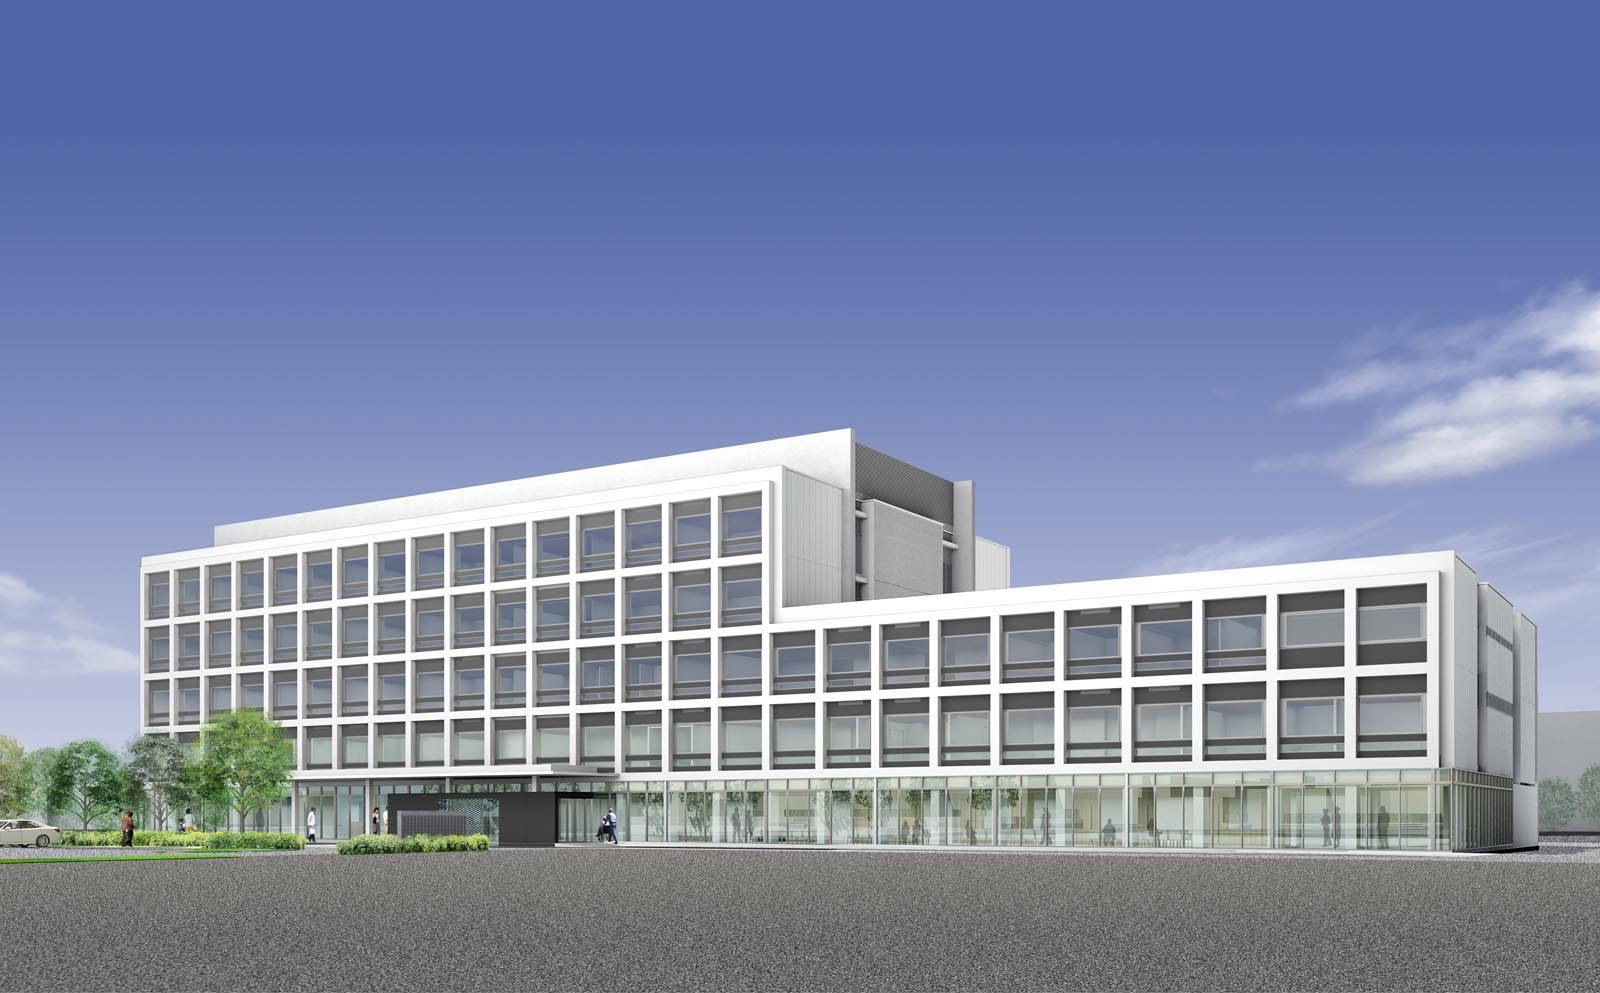 東分院・高浜分院の病院名称変更および高浜分院新築移転について ...